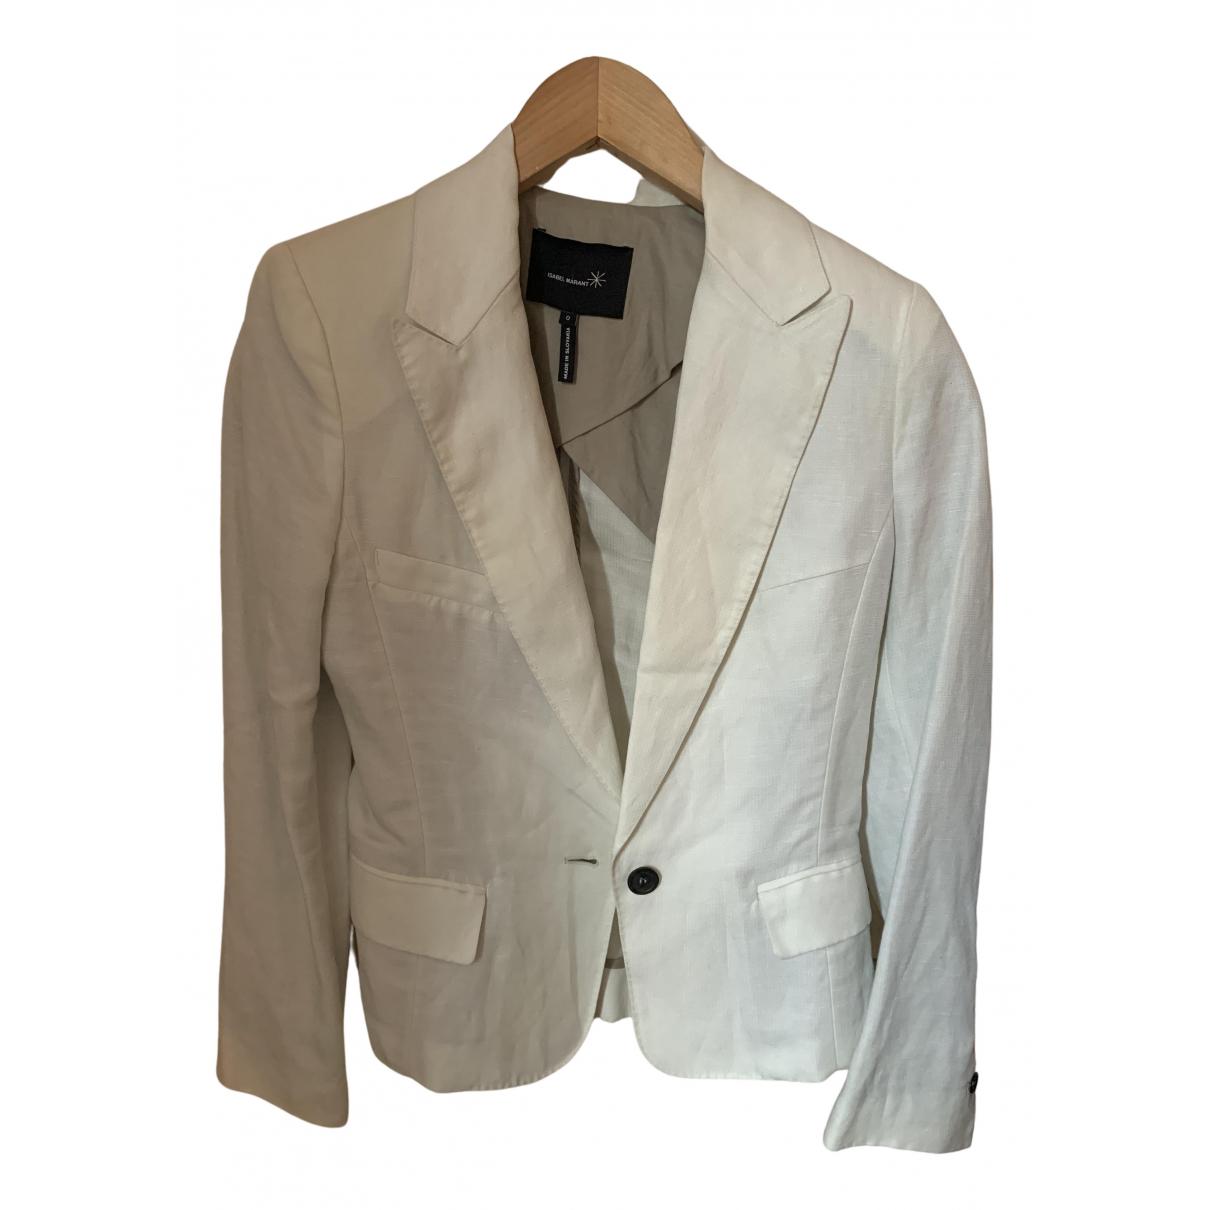 Isabel Marant N White Linen jacket for Women 0 0-5